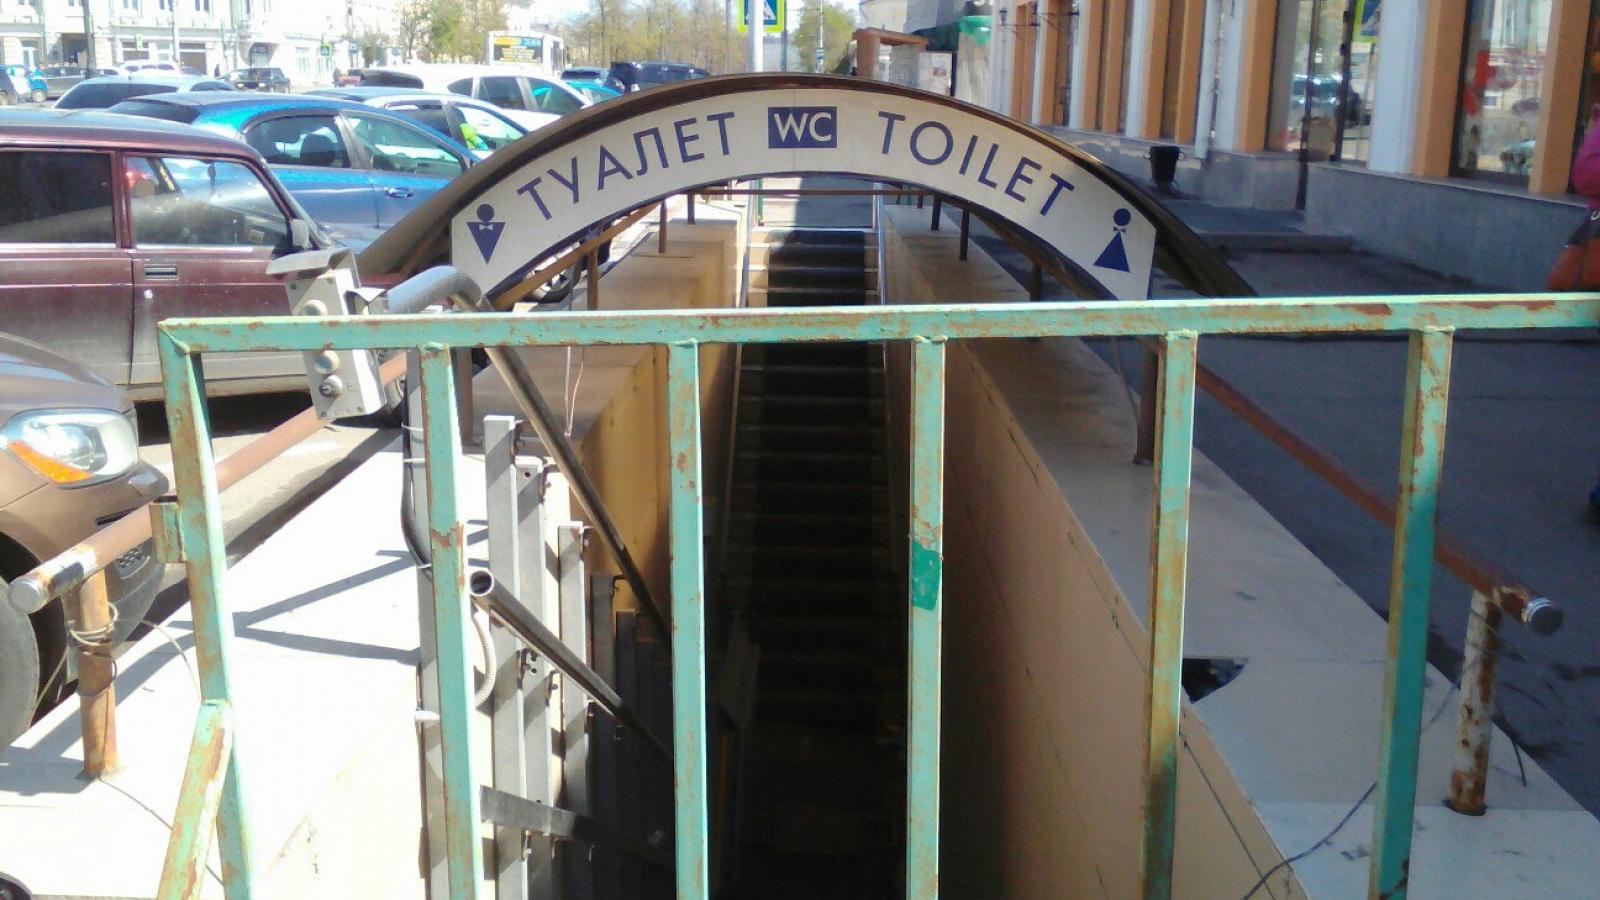 Общественный туалет откроется в Вологде ко Дню города